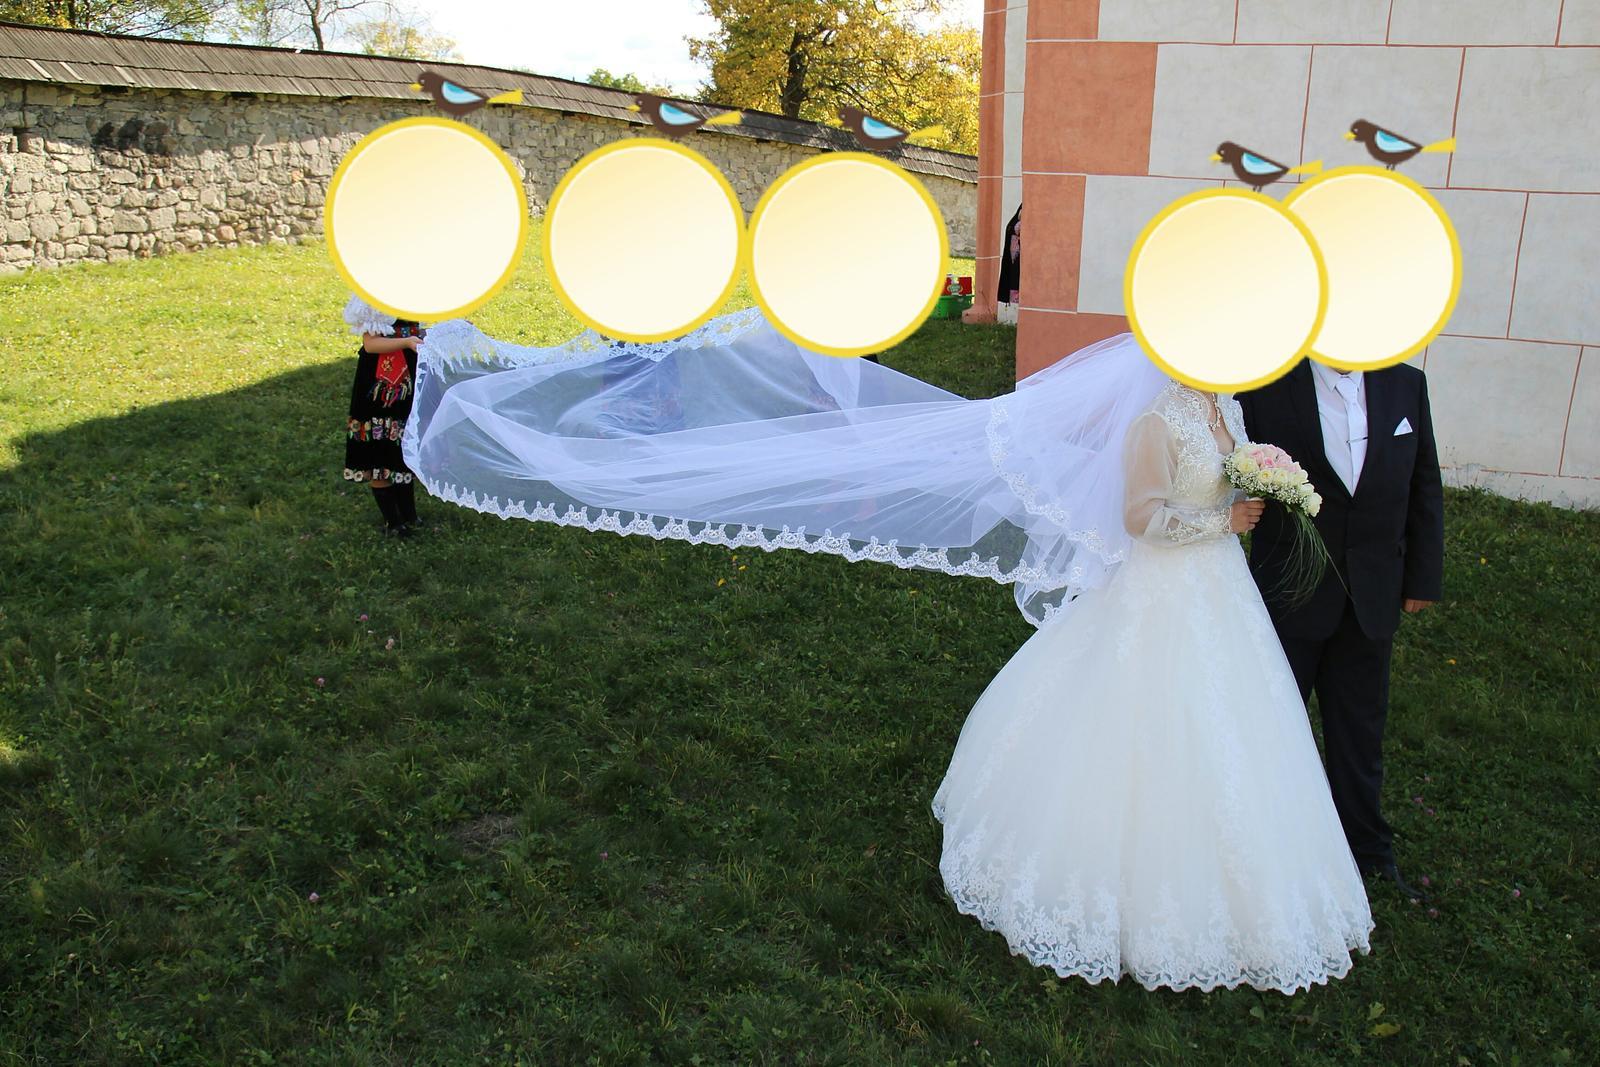 Svadobné šaty a 5 m závoj - Obrázok č. 1